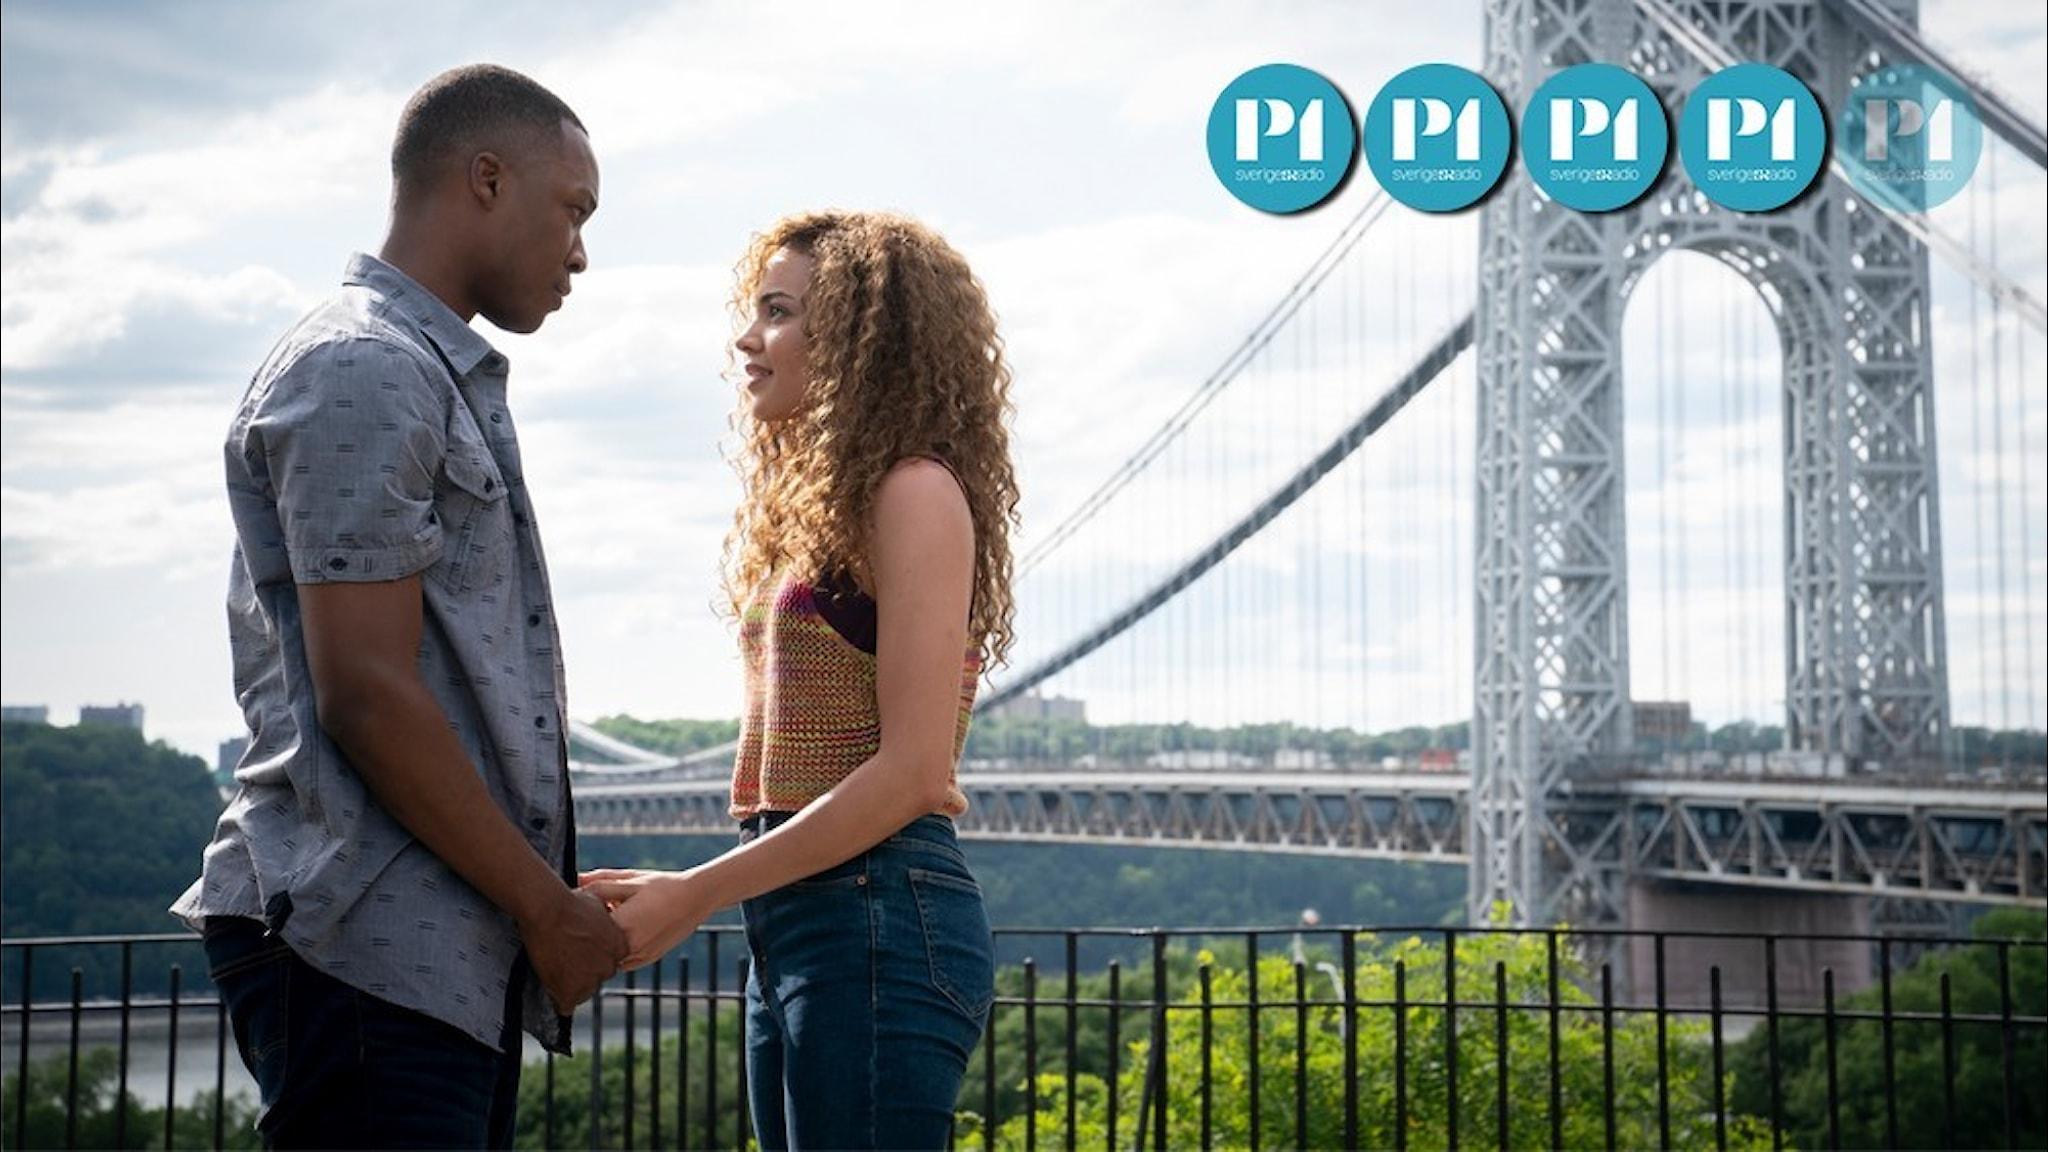 En kvinna och en man håller varandras händer och ser varandra i ögonen. Bakom dem syns en stor hängbro.